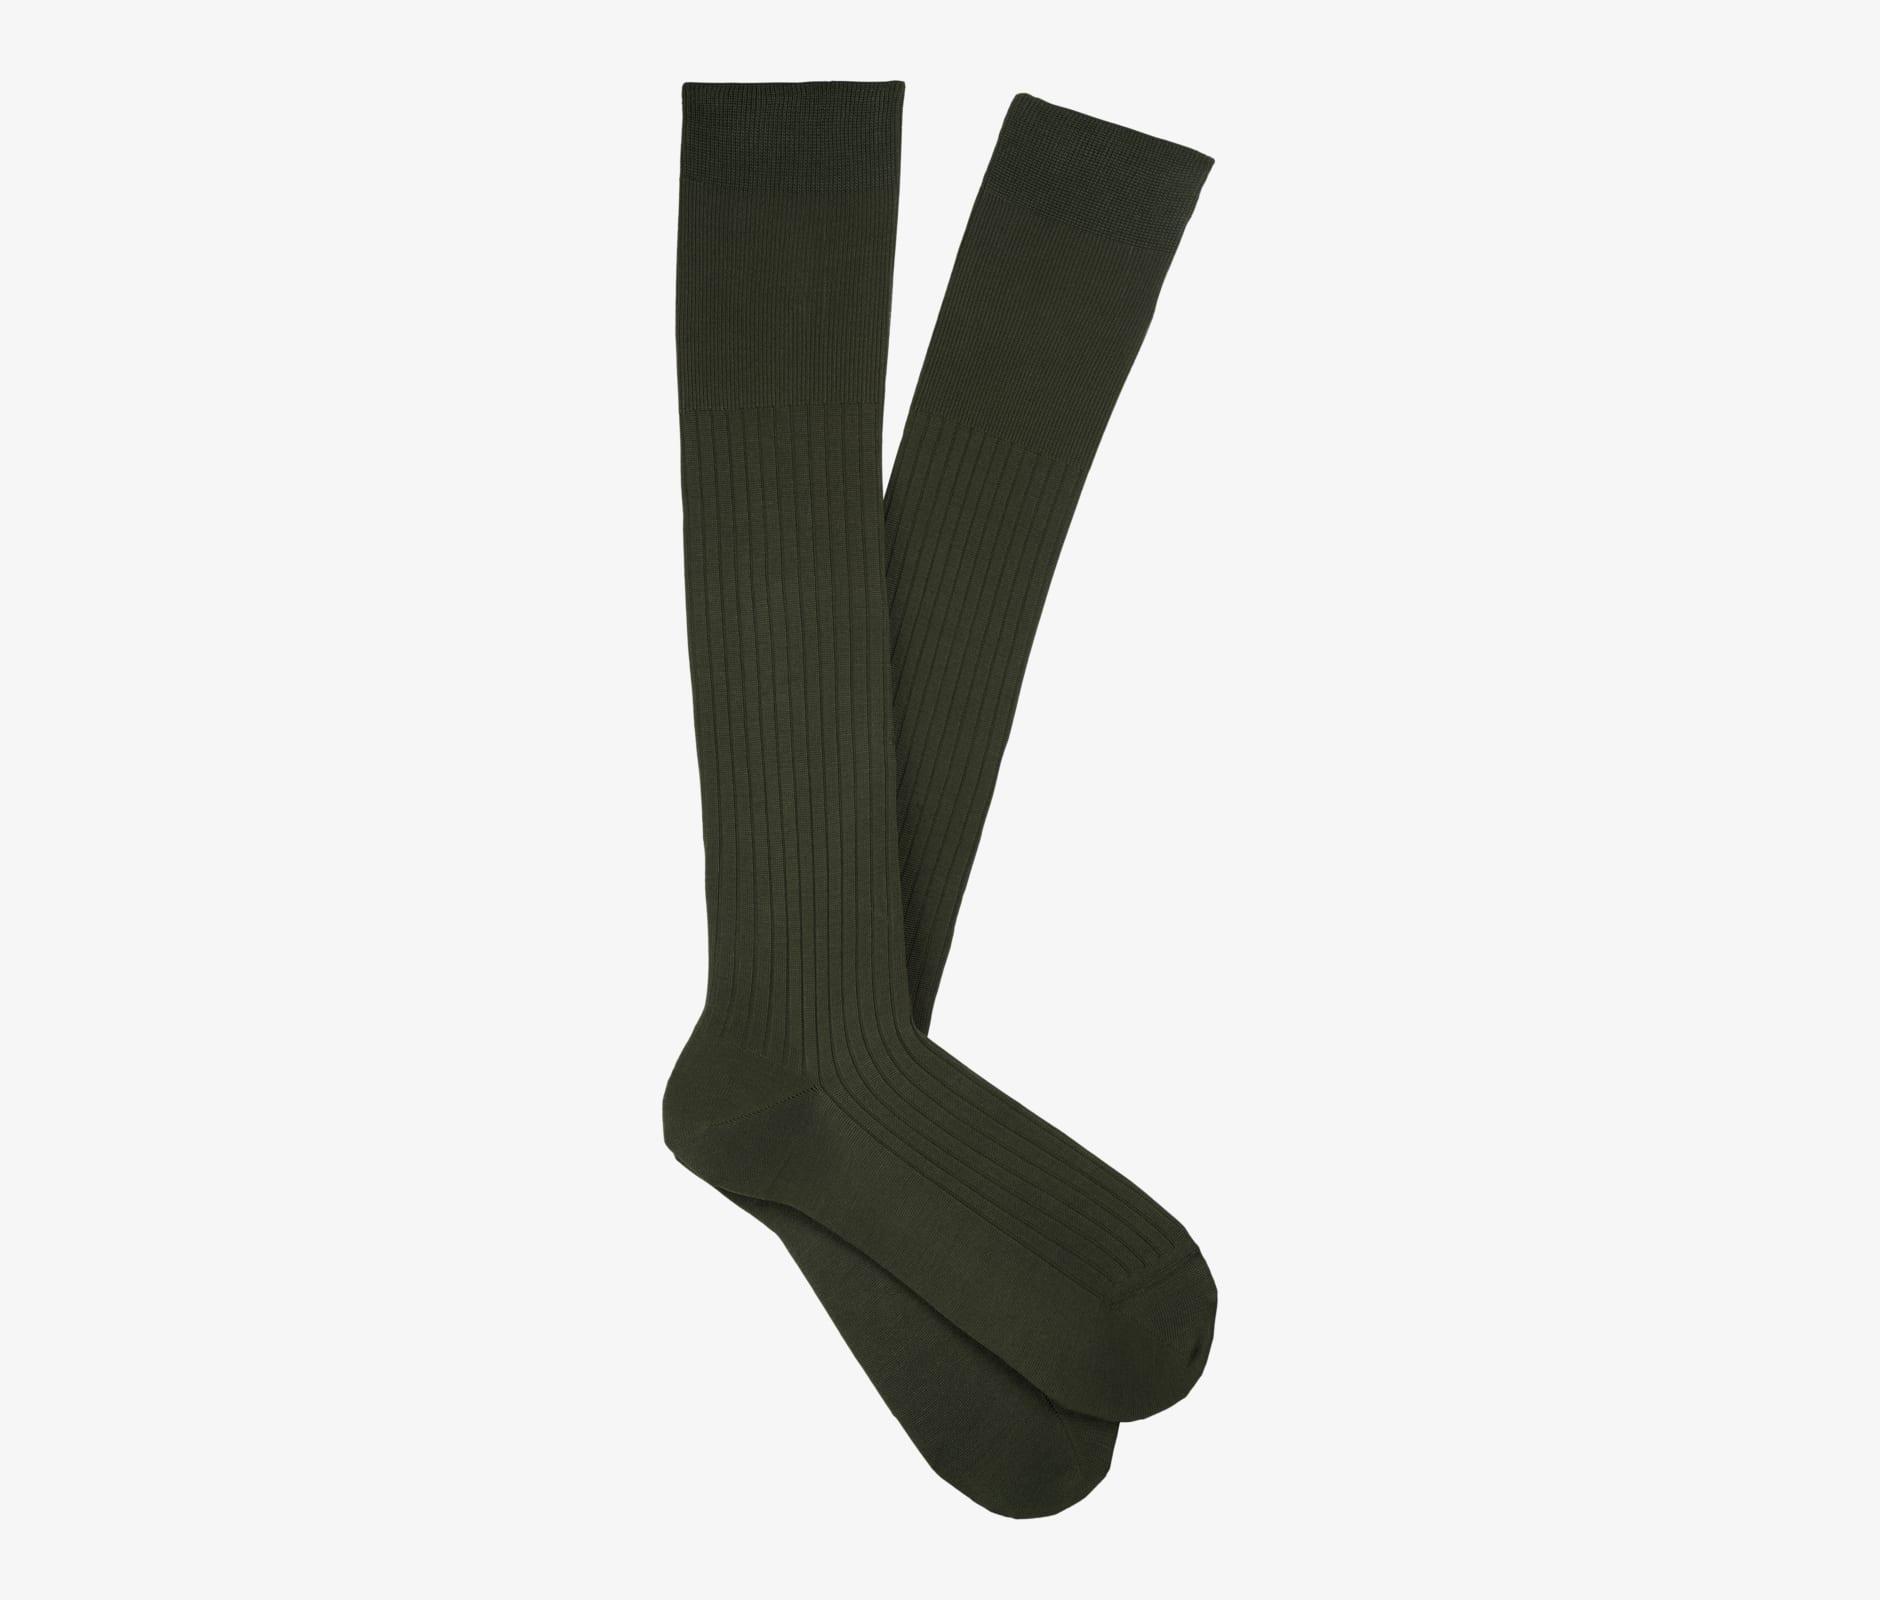 Green_Knee_high_Socks_O733